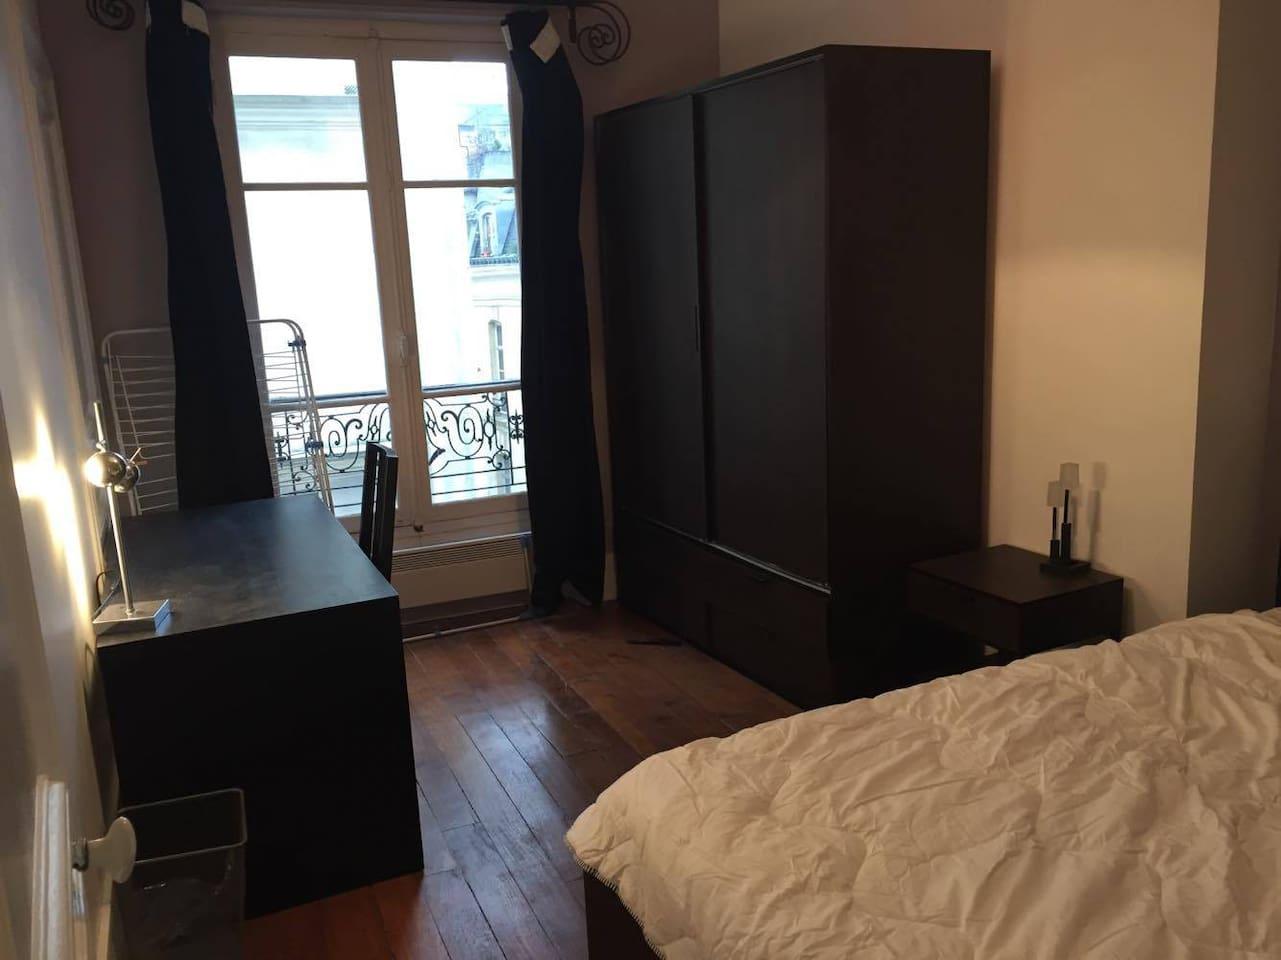 Votre chambre (11 m2) avec dressing et divers rangements